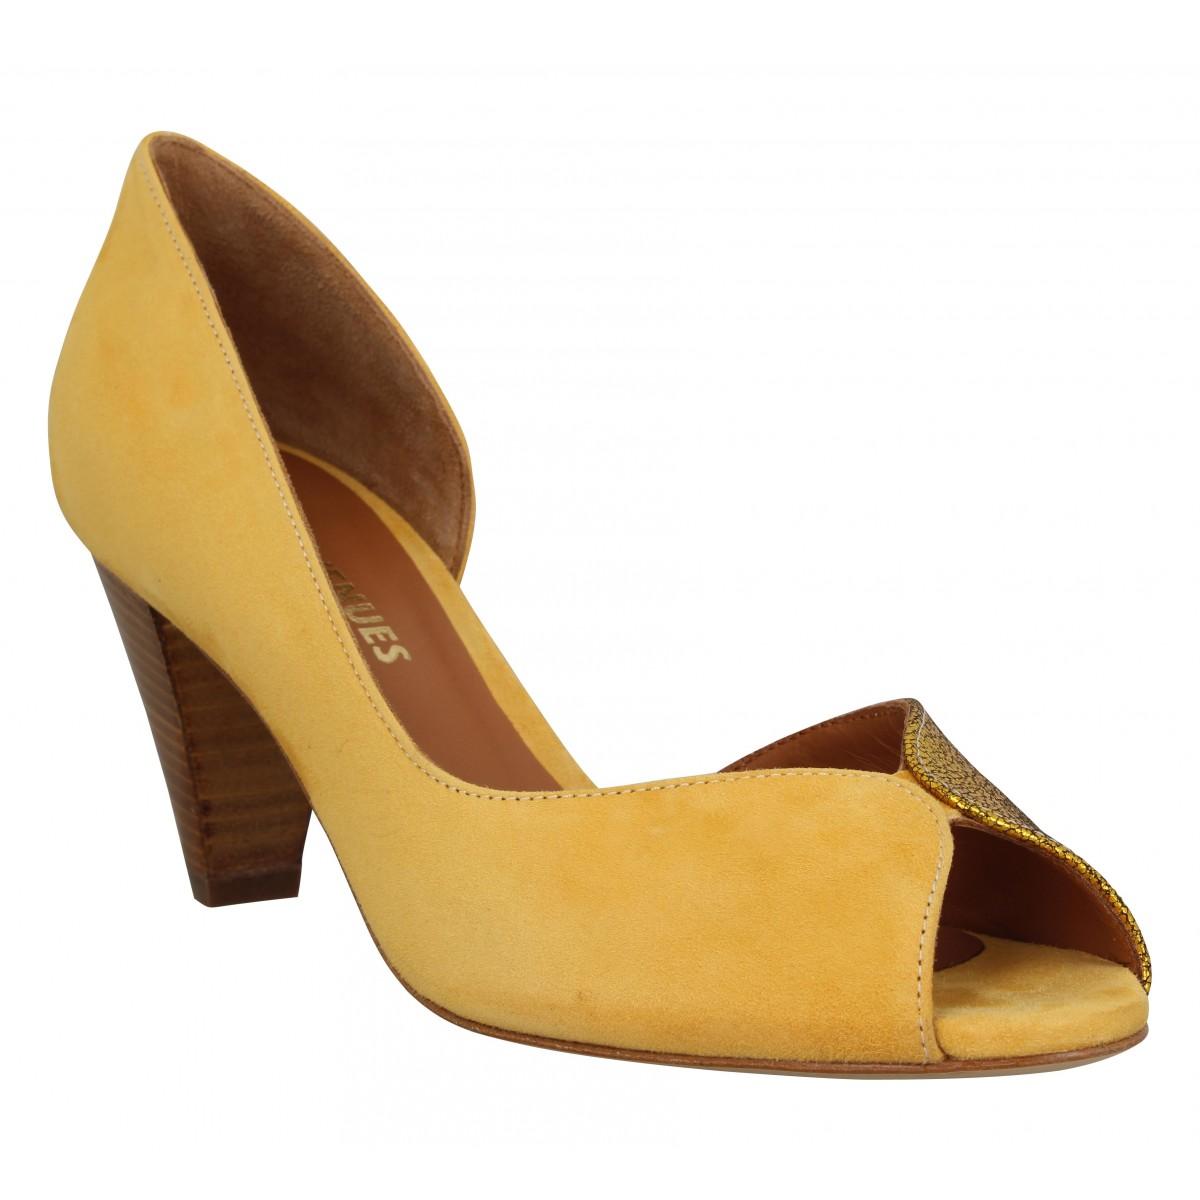 Sandales talons LES VENUES 364 velours Femme Jaune